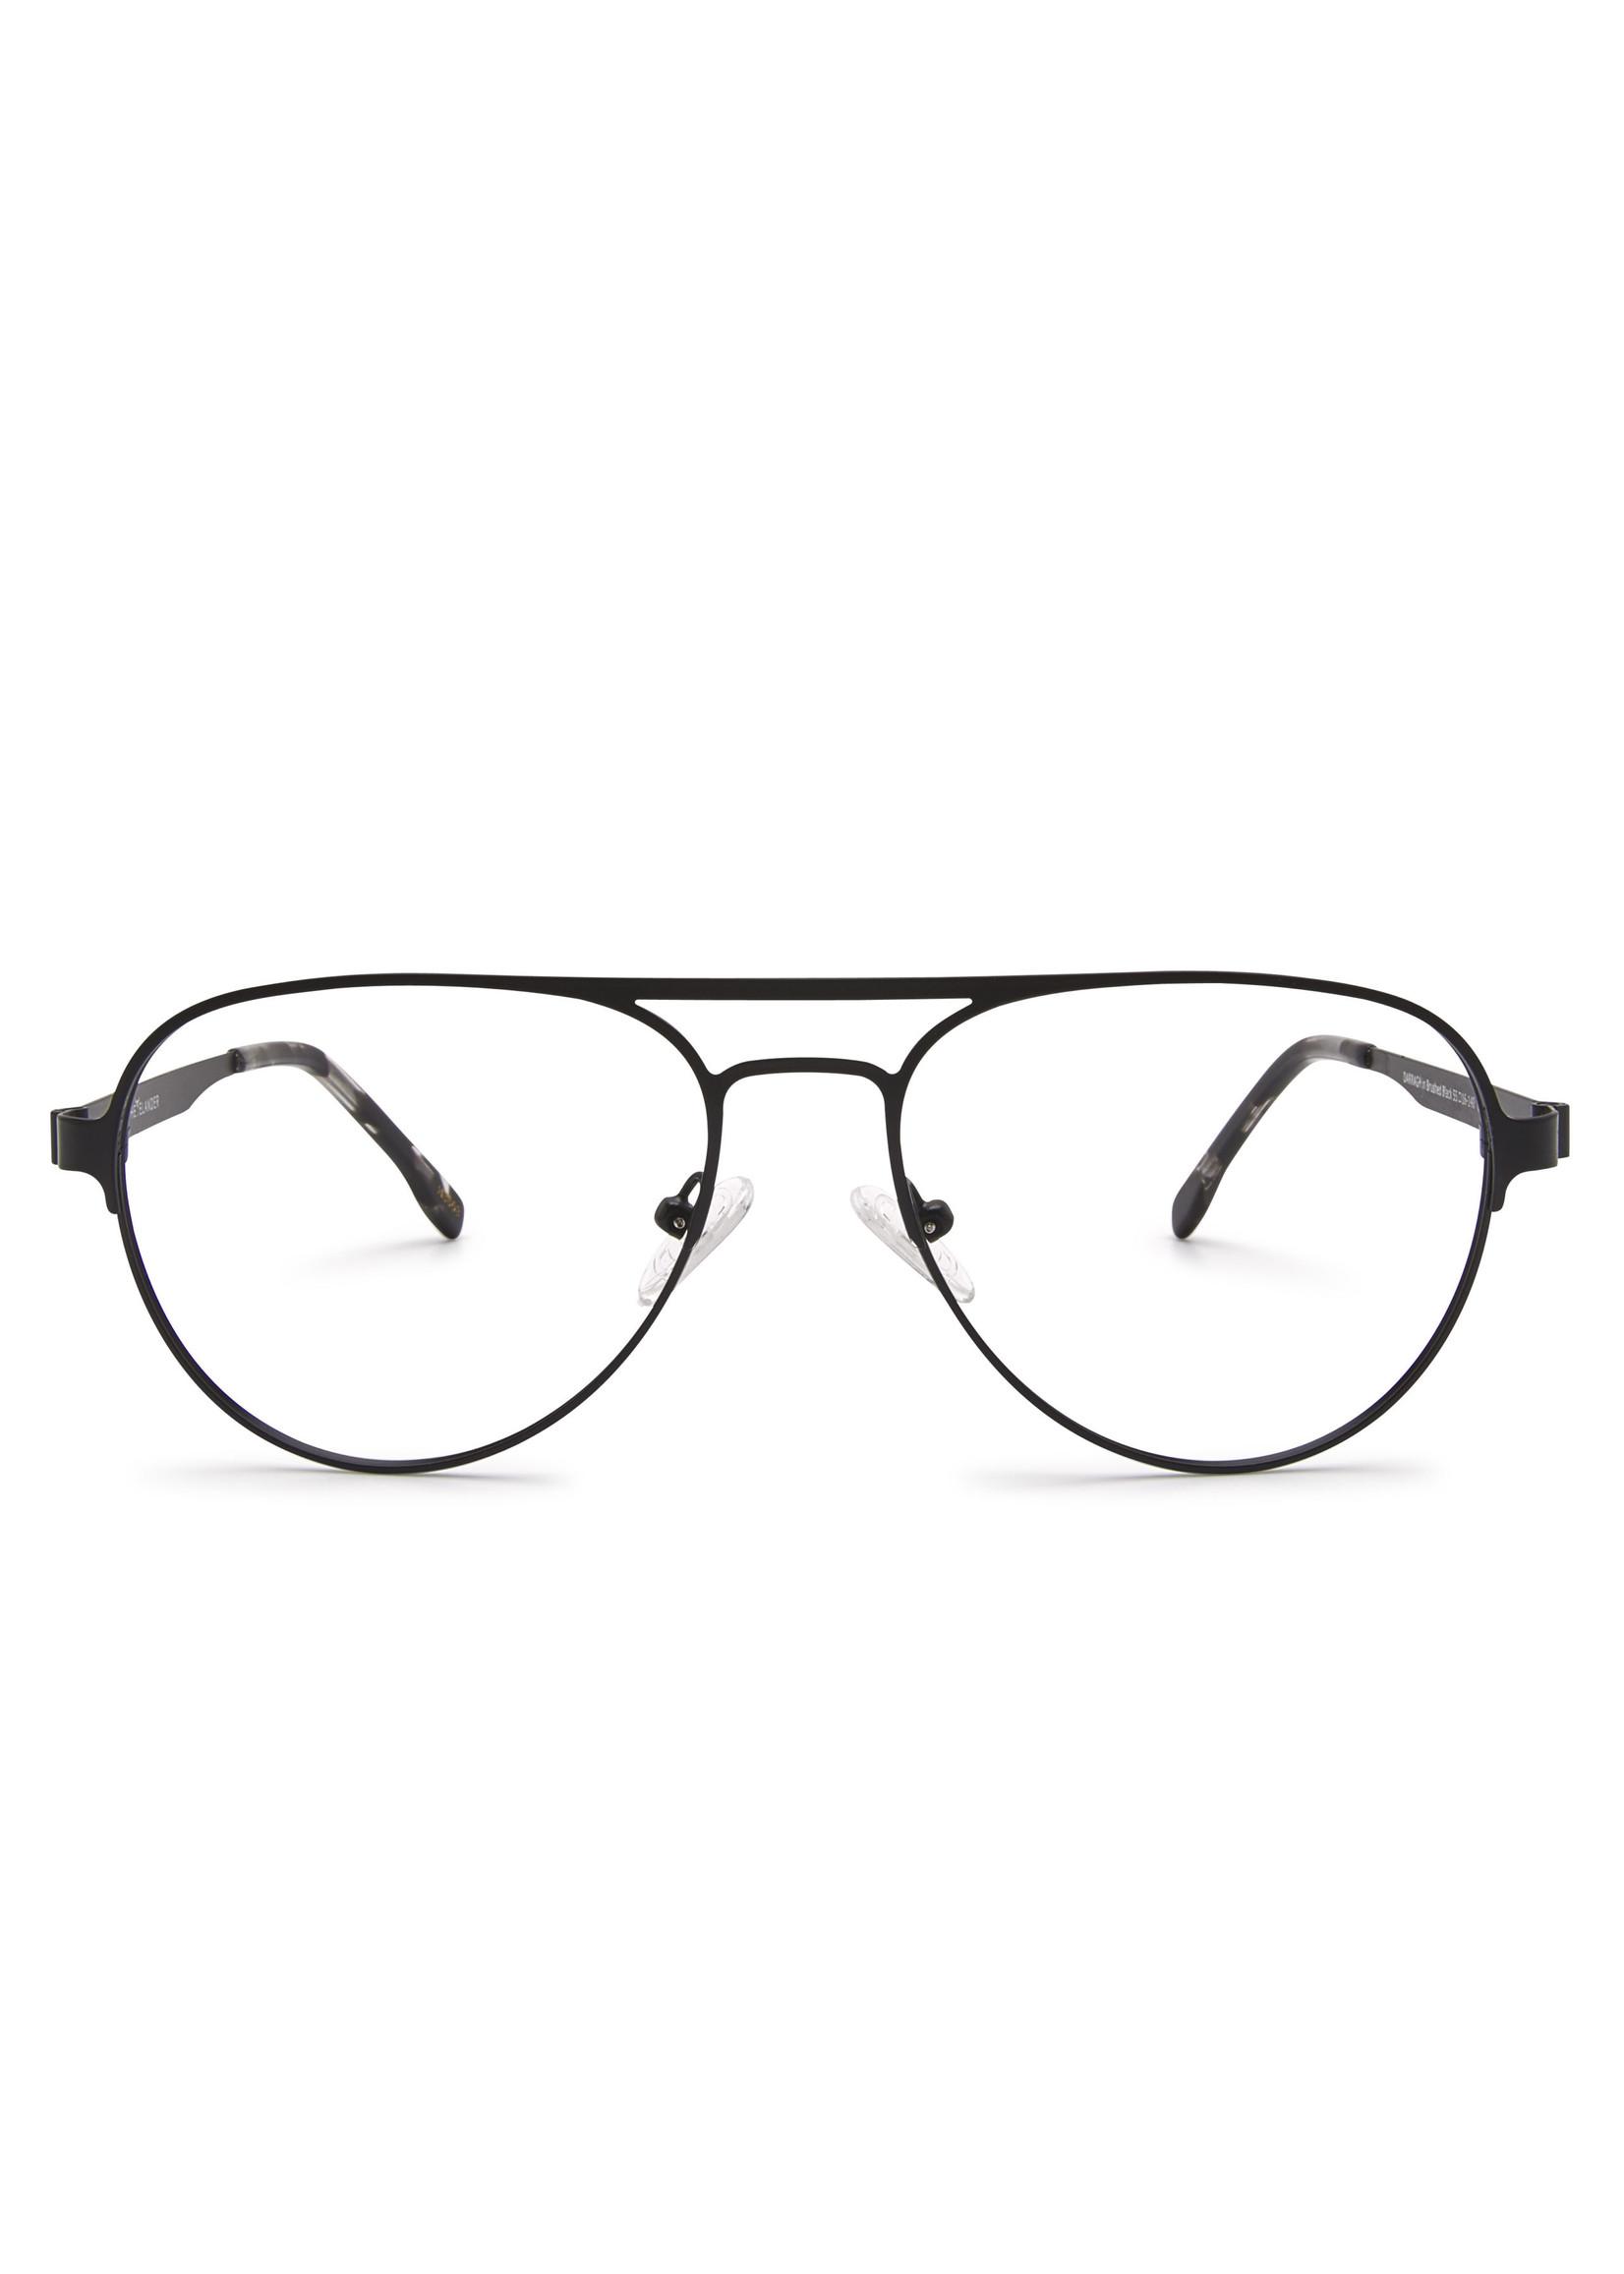 Heyelander Design Brillen  Heyelander Desigh Leesbril Darragh Brushed Black